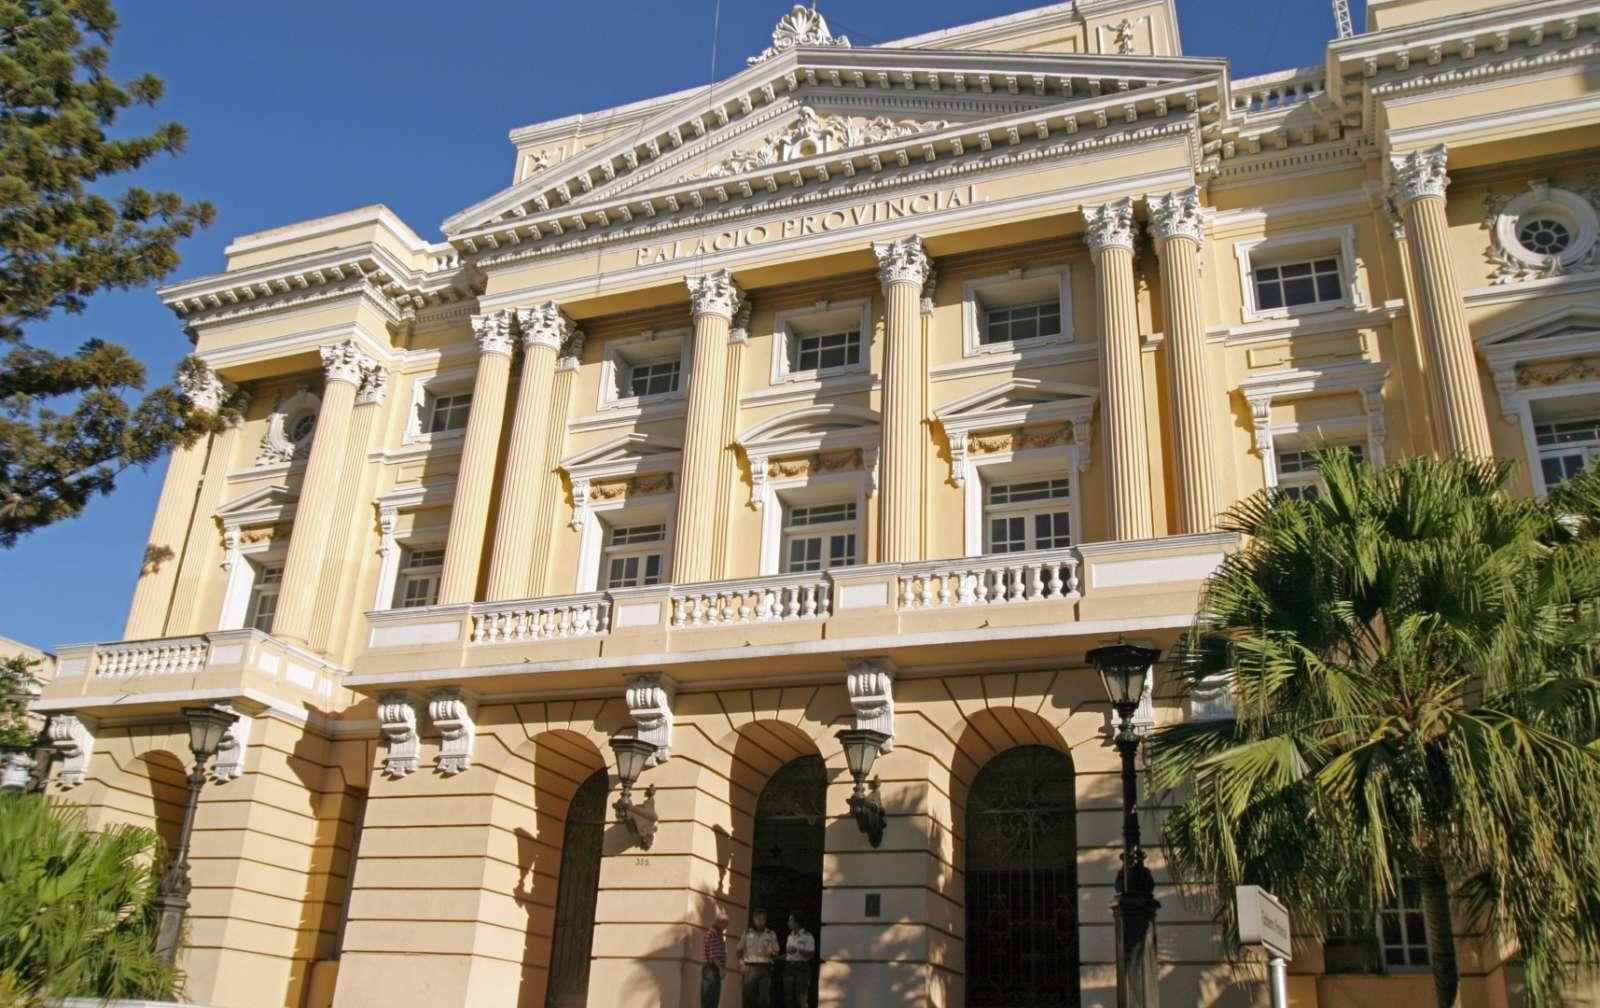 Palacio Provincial in Santiago de Cuba